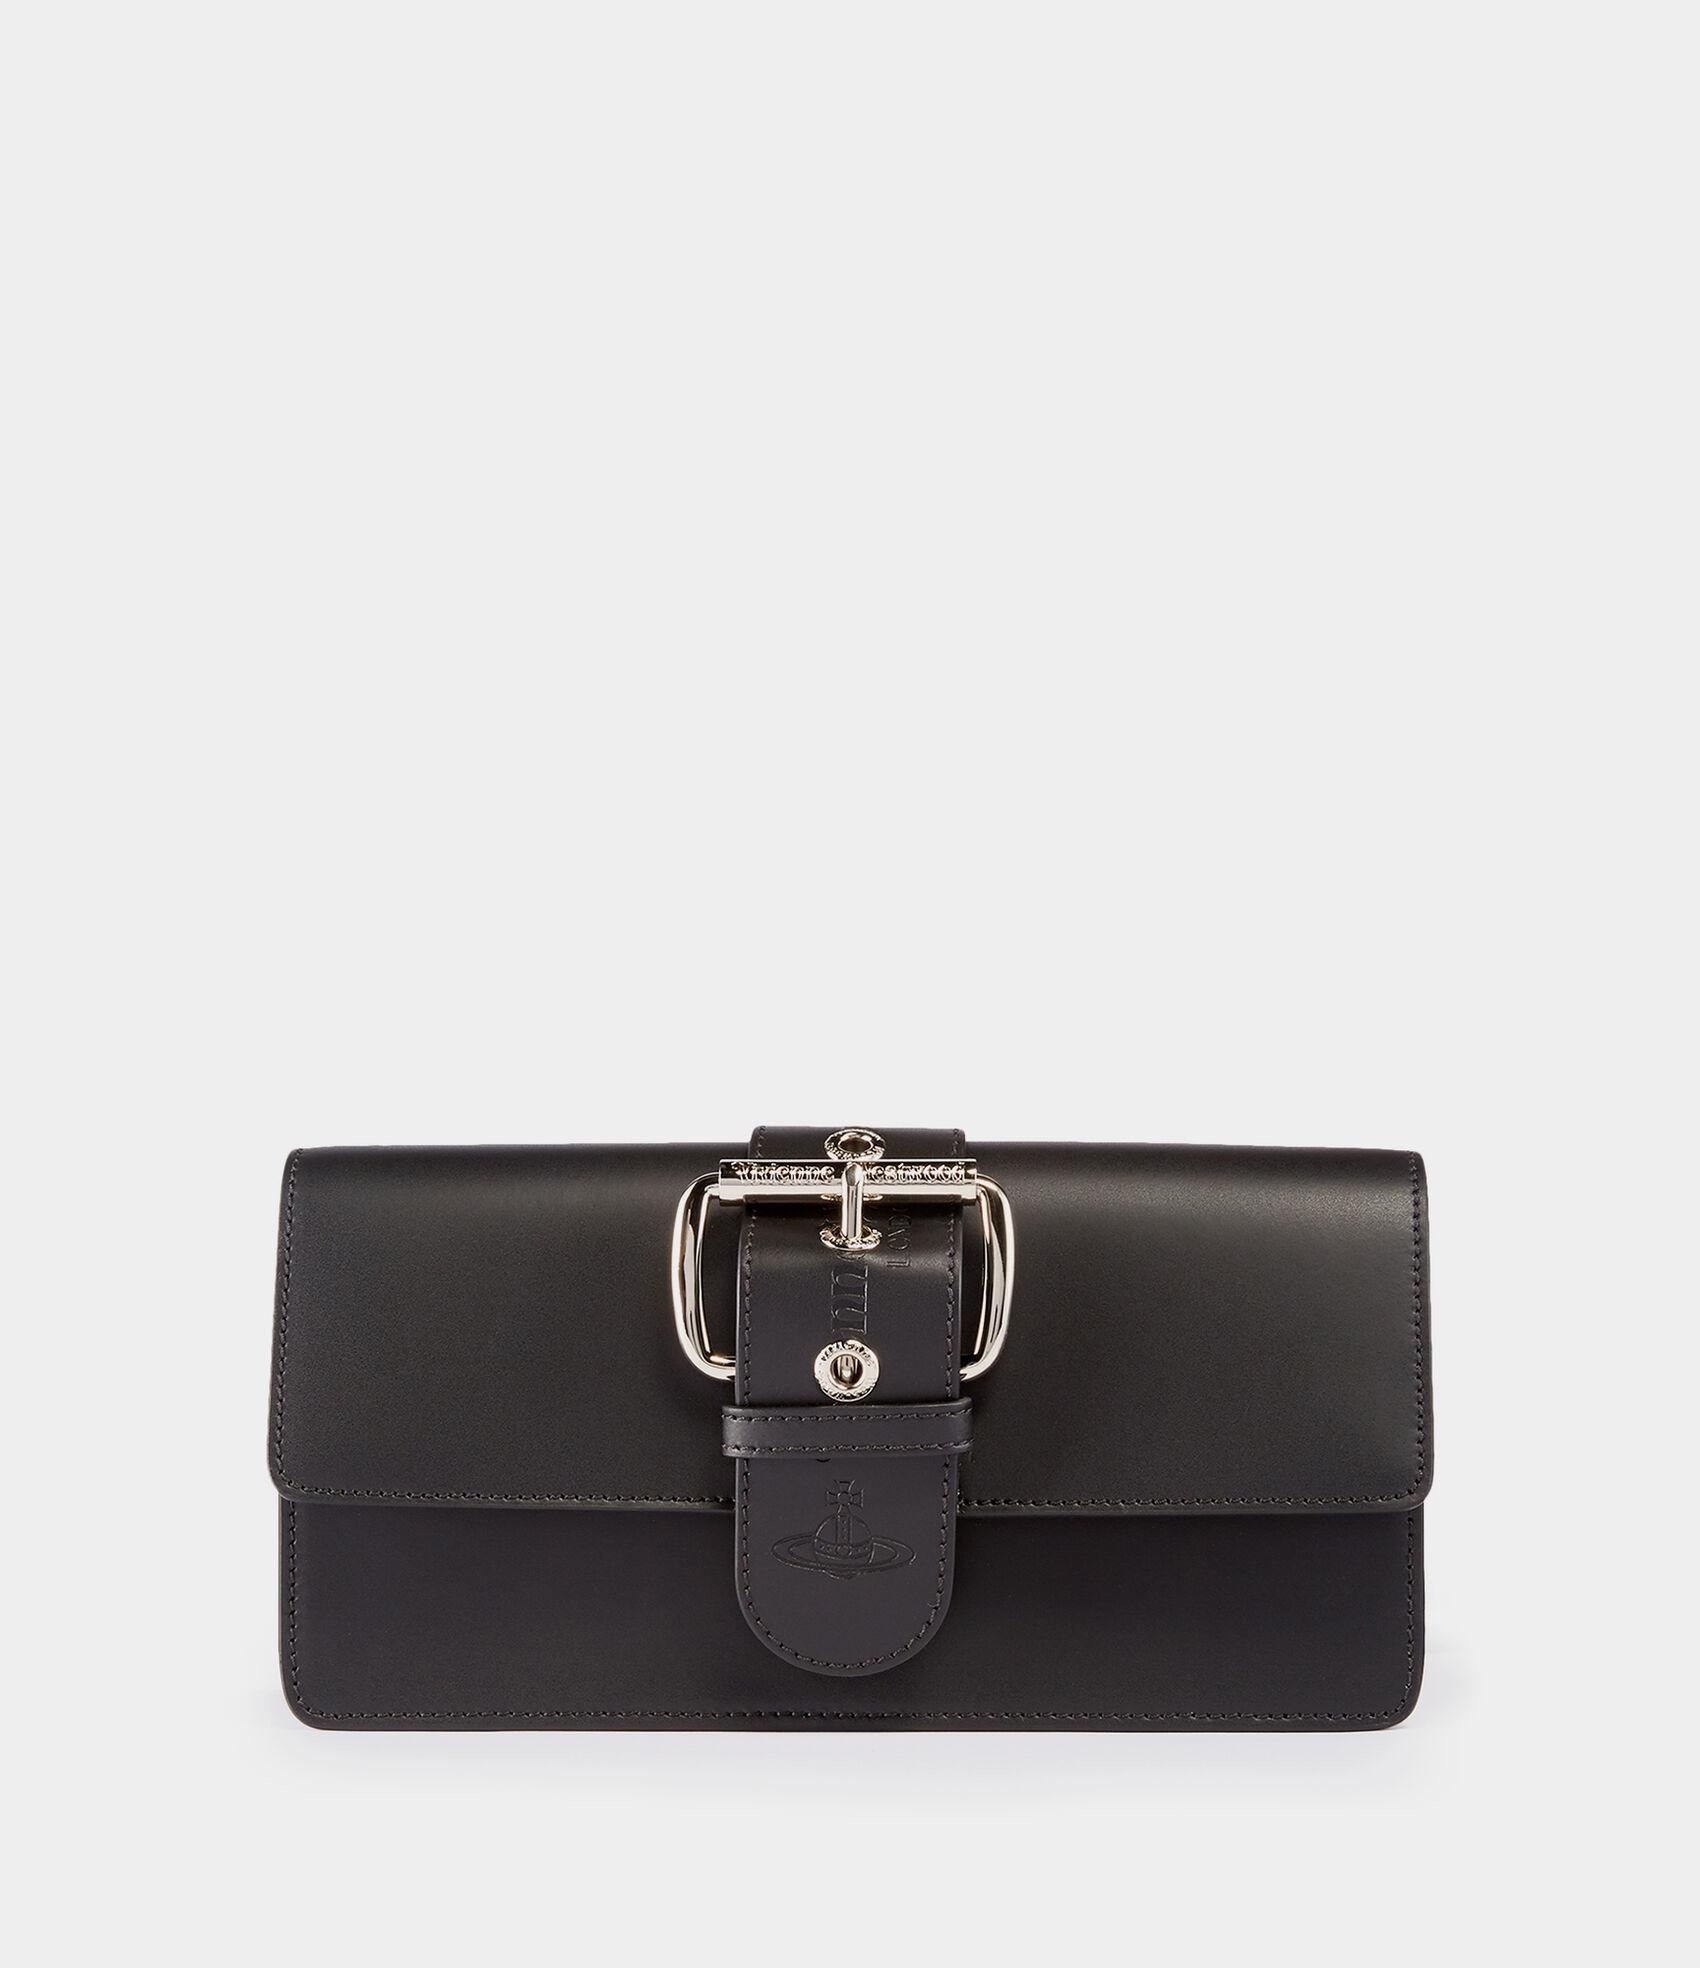 6c5e1c983b952e Alex Clutch Bag Black | Women's Clutches | Vivienne Westwood